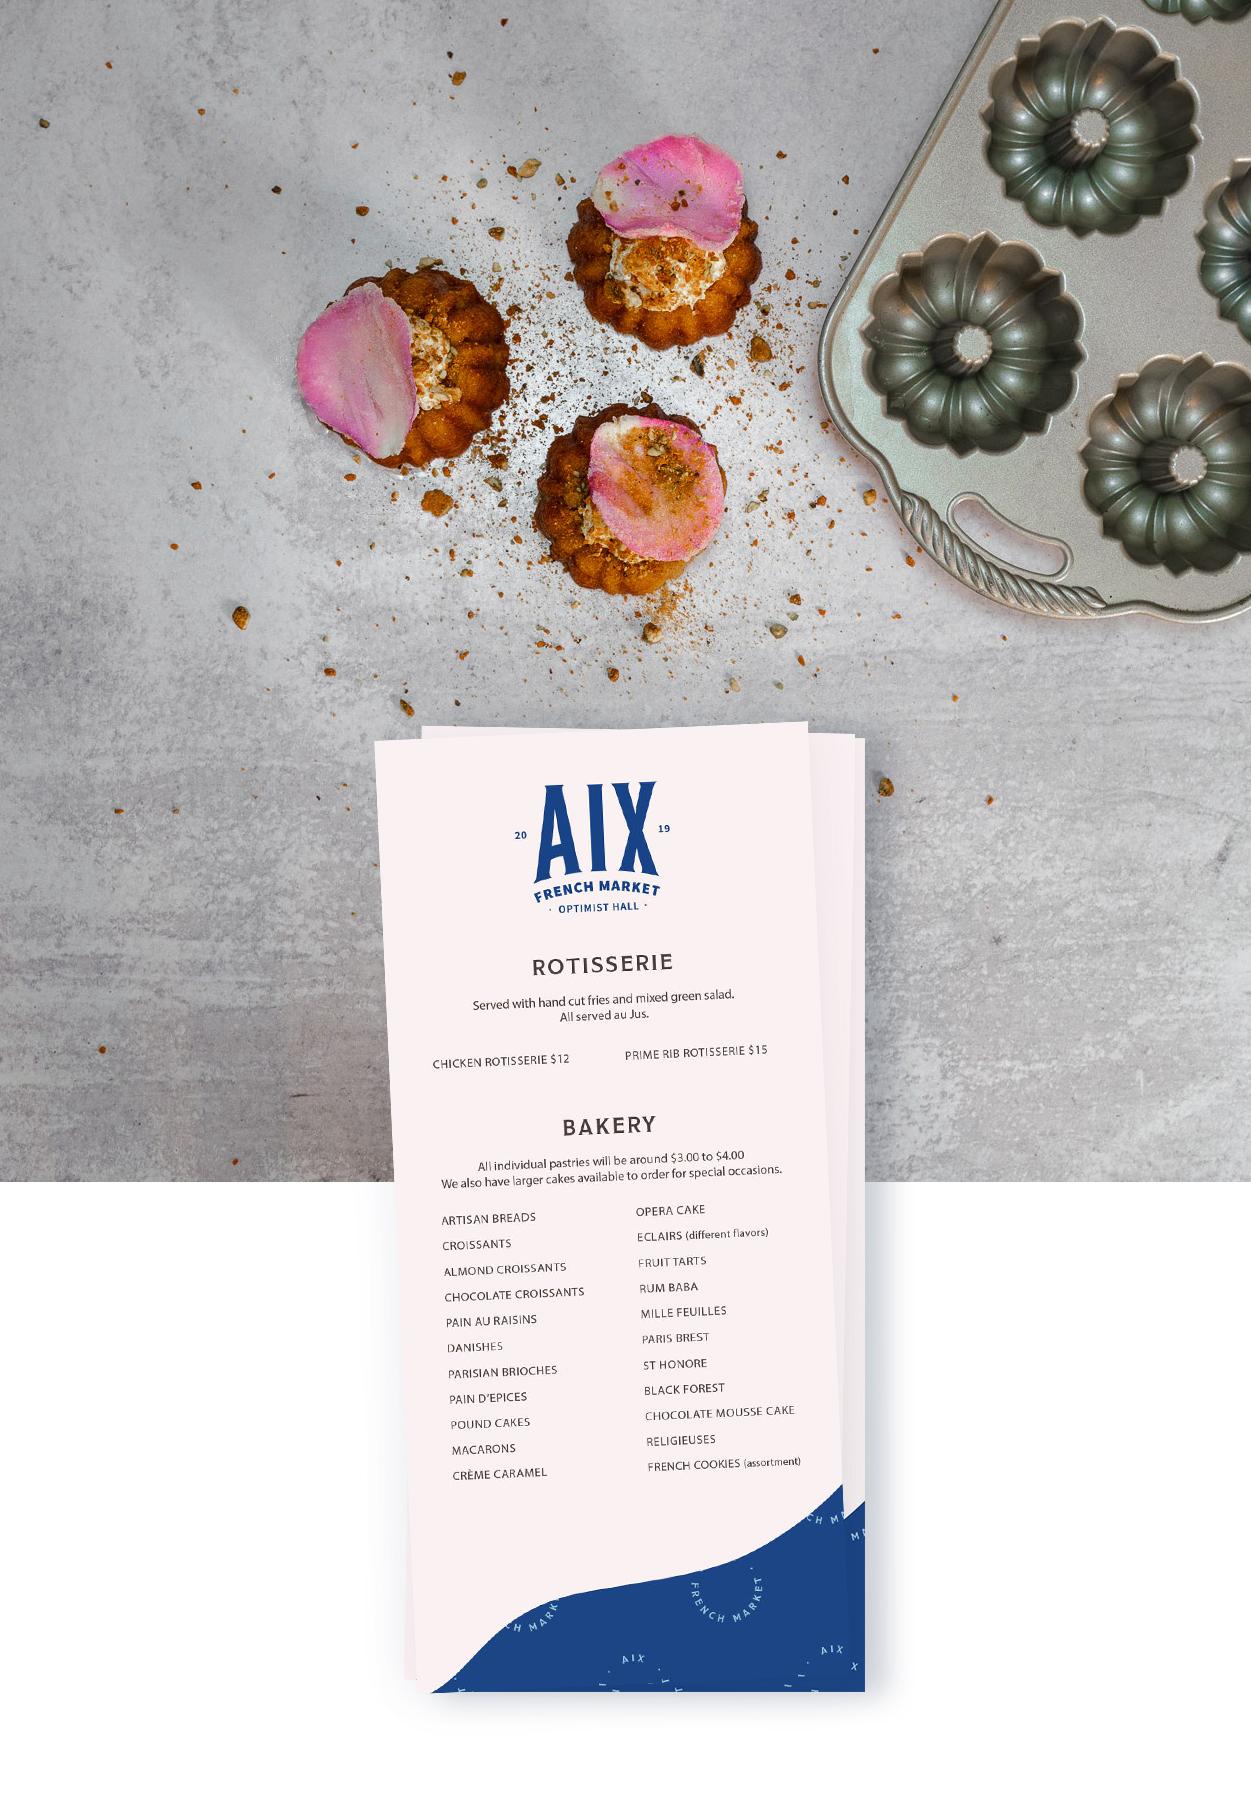 Ana-Juan-Gomez-branding-AIX-menu.jpg